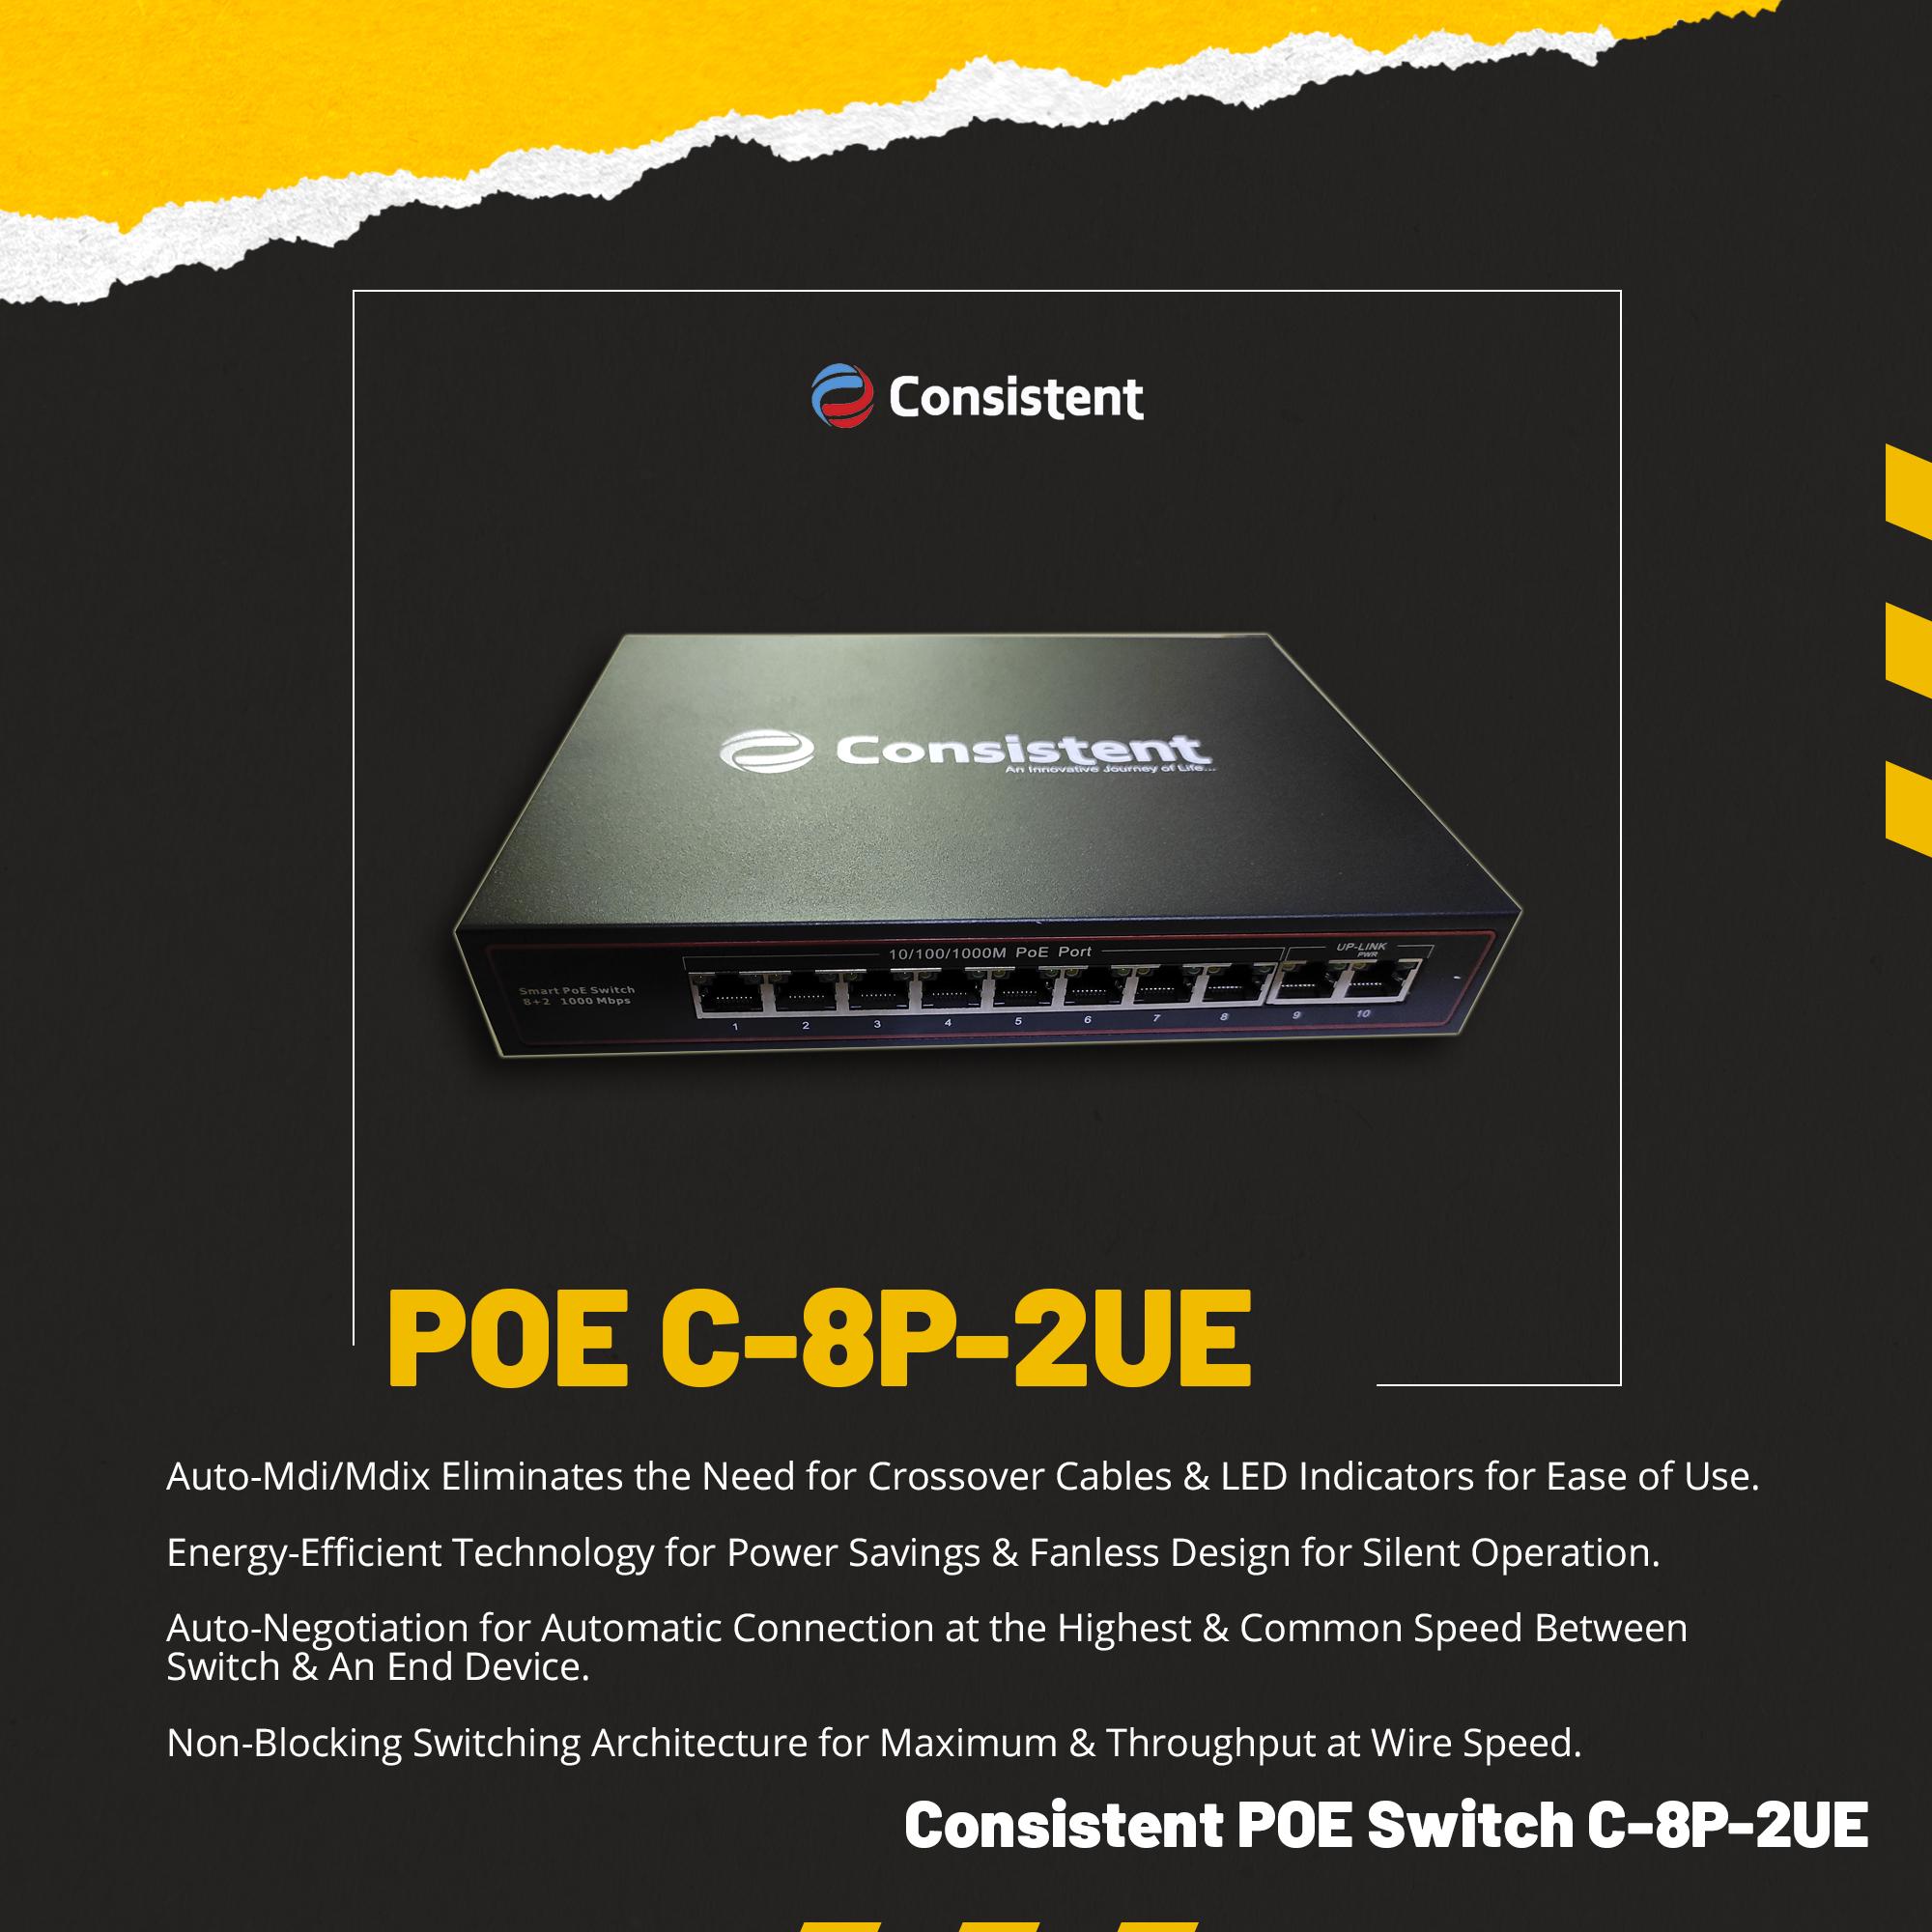 POE C-8P-2UE